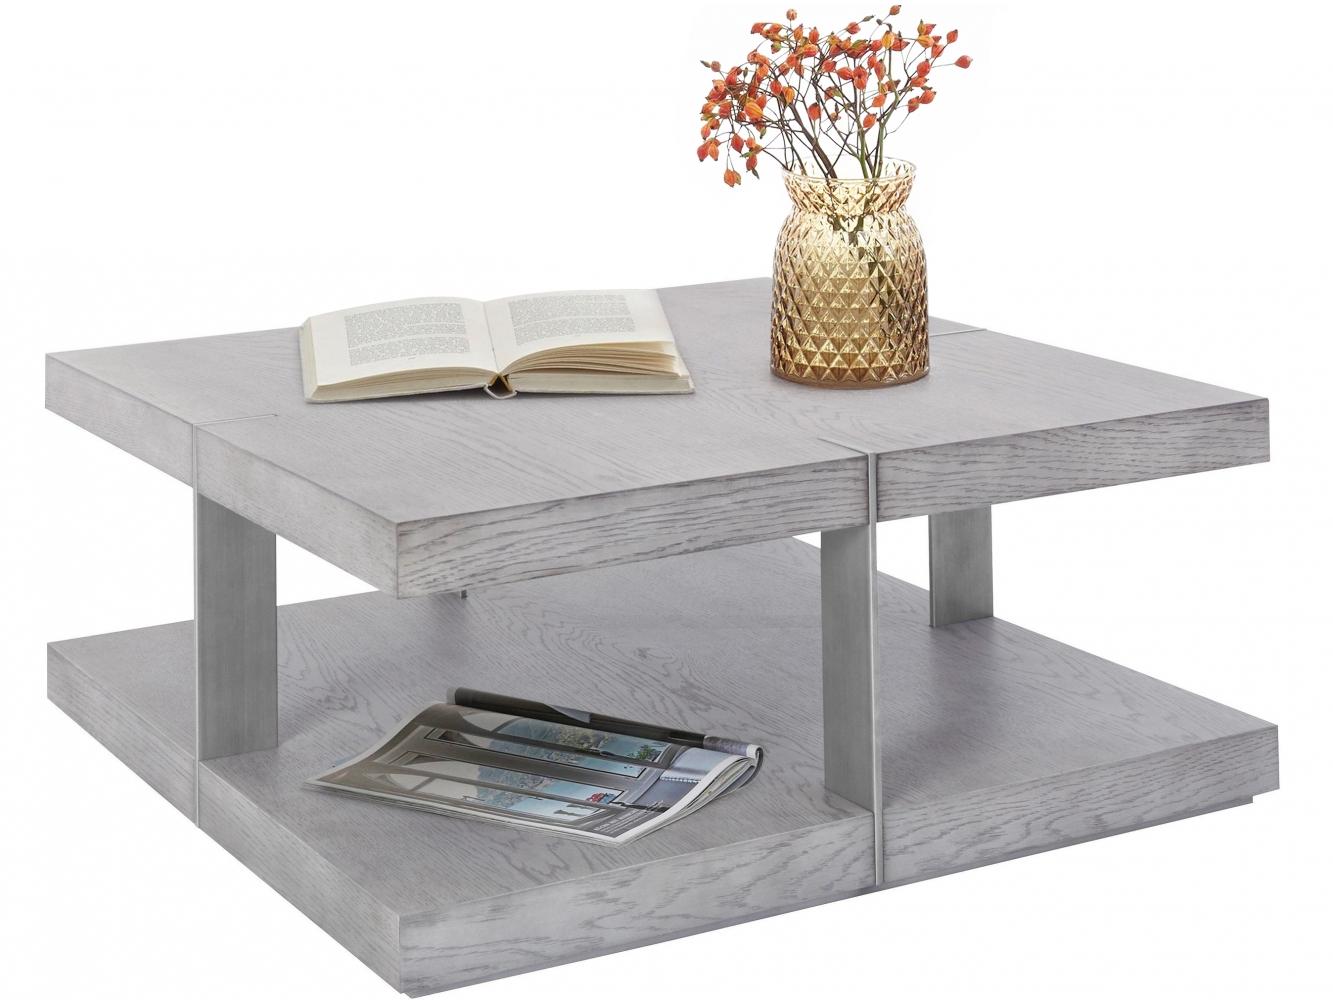 Konferenční stolek Veranzo, 70 cm, stříbrná